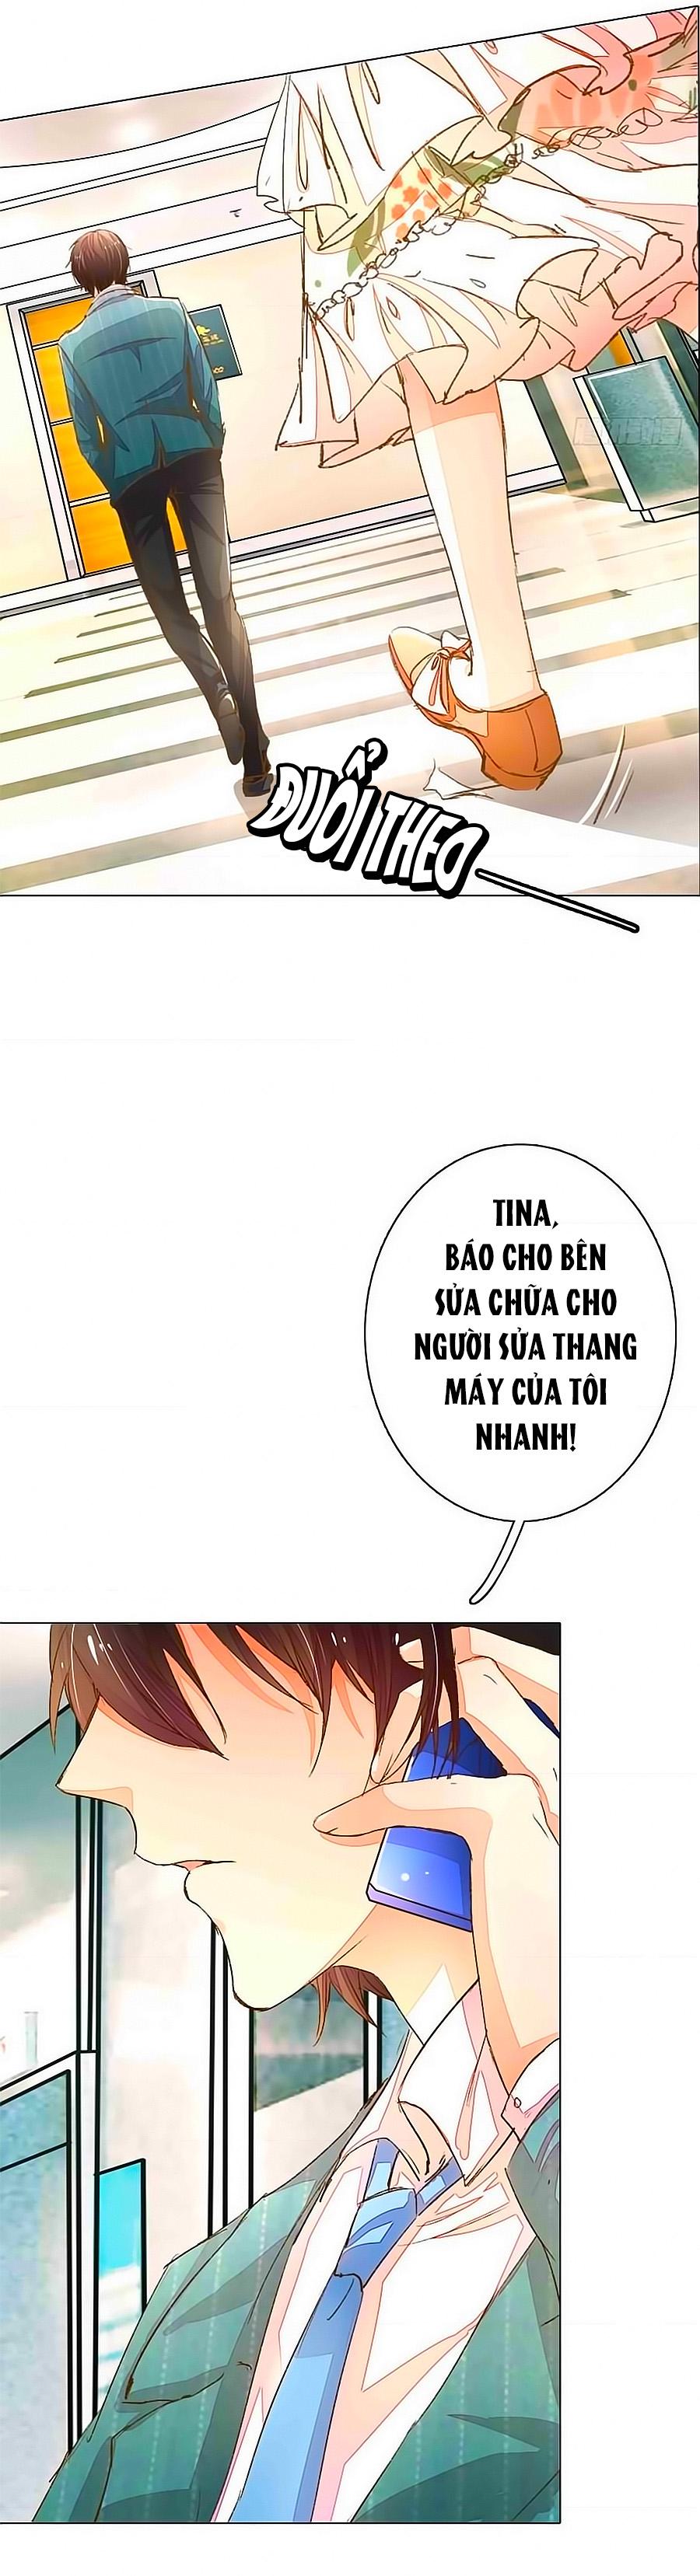 Hào Môn Tiểu Lãn Thê - Chap 51